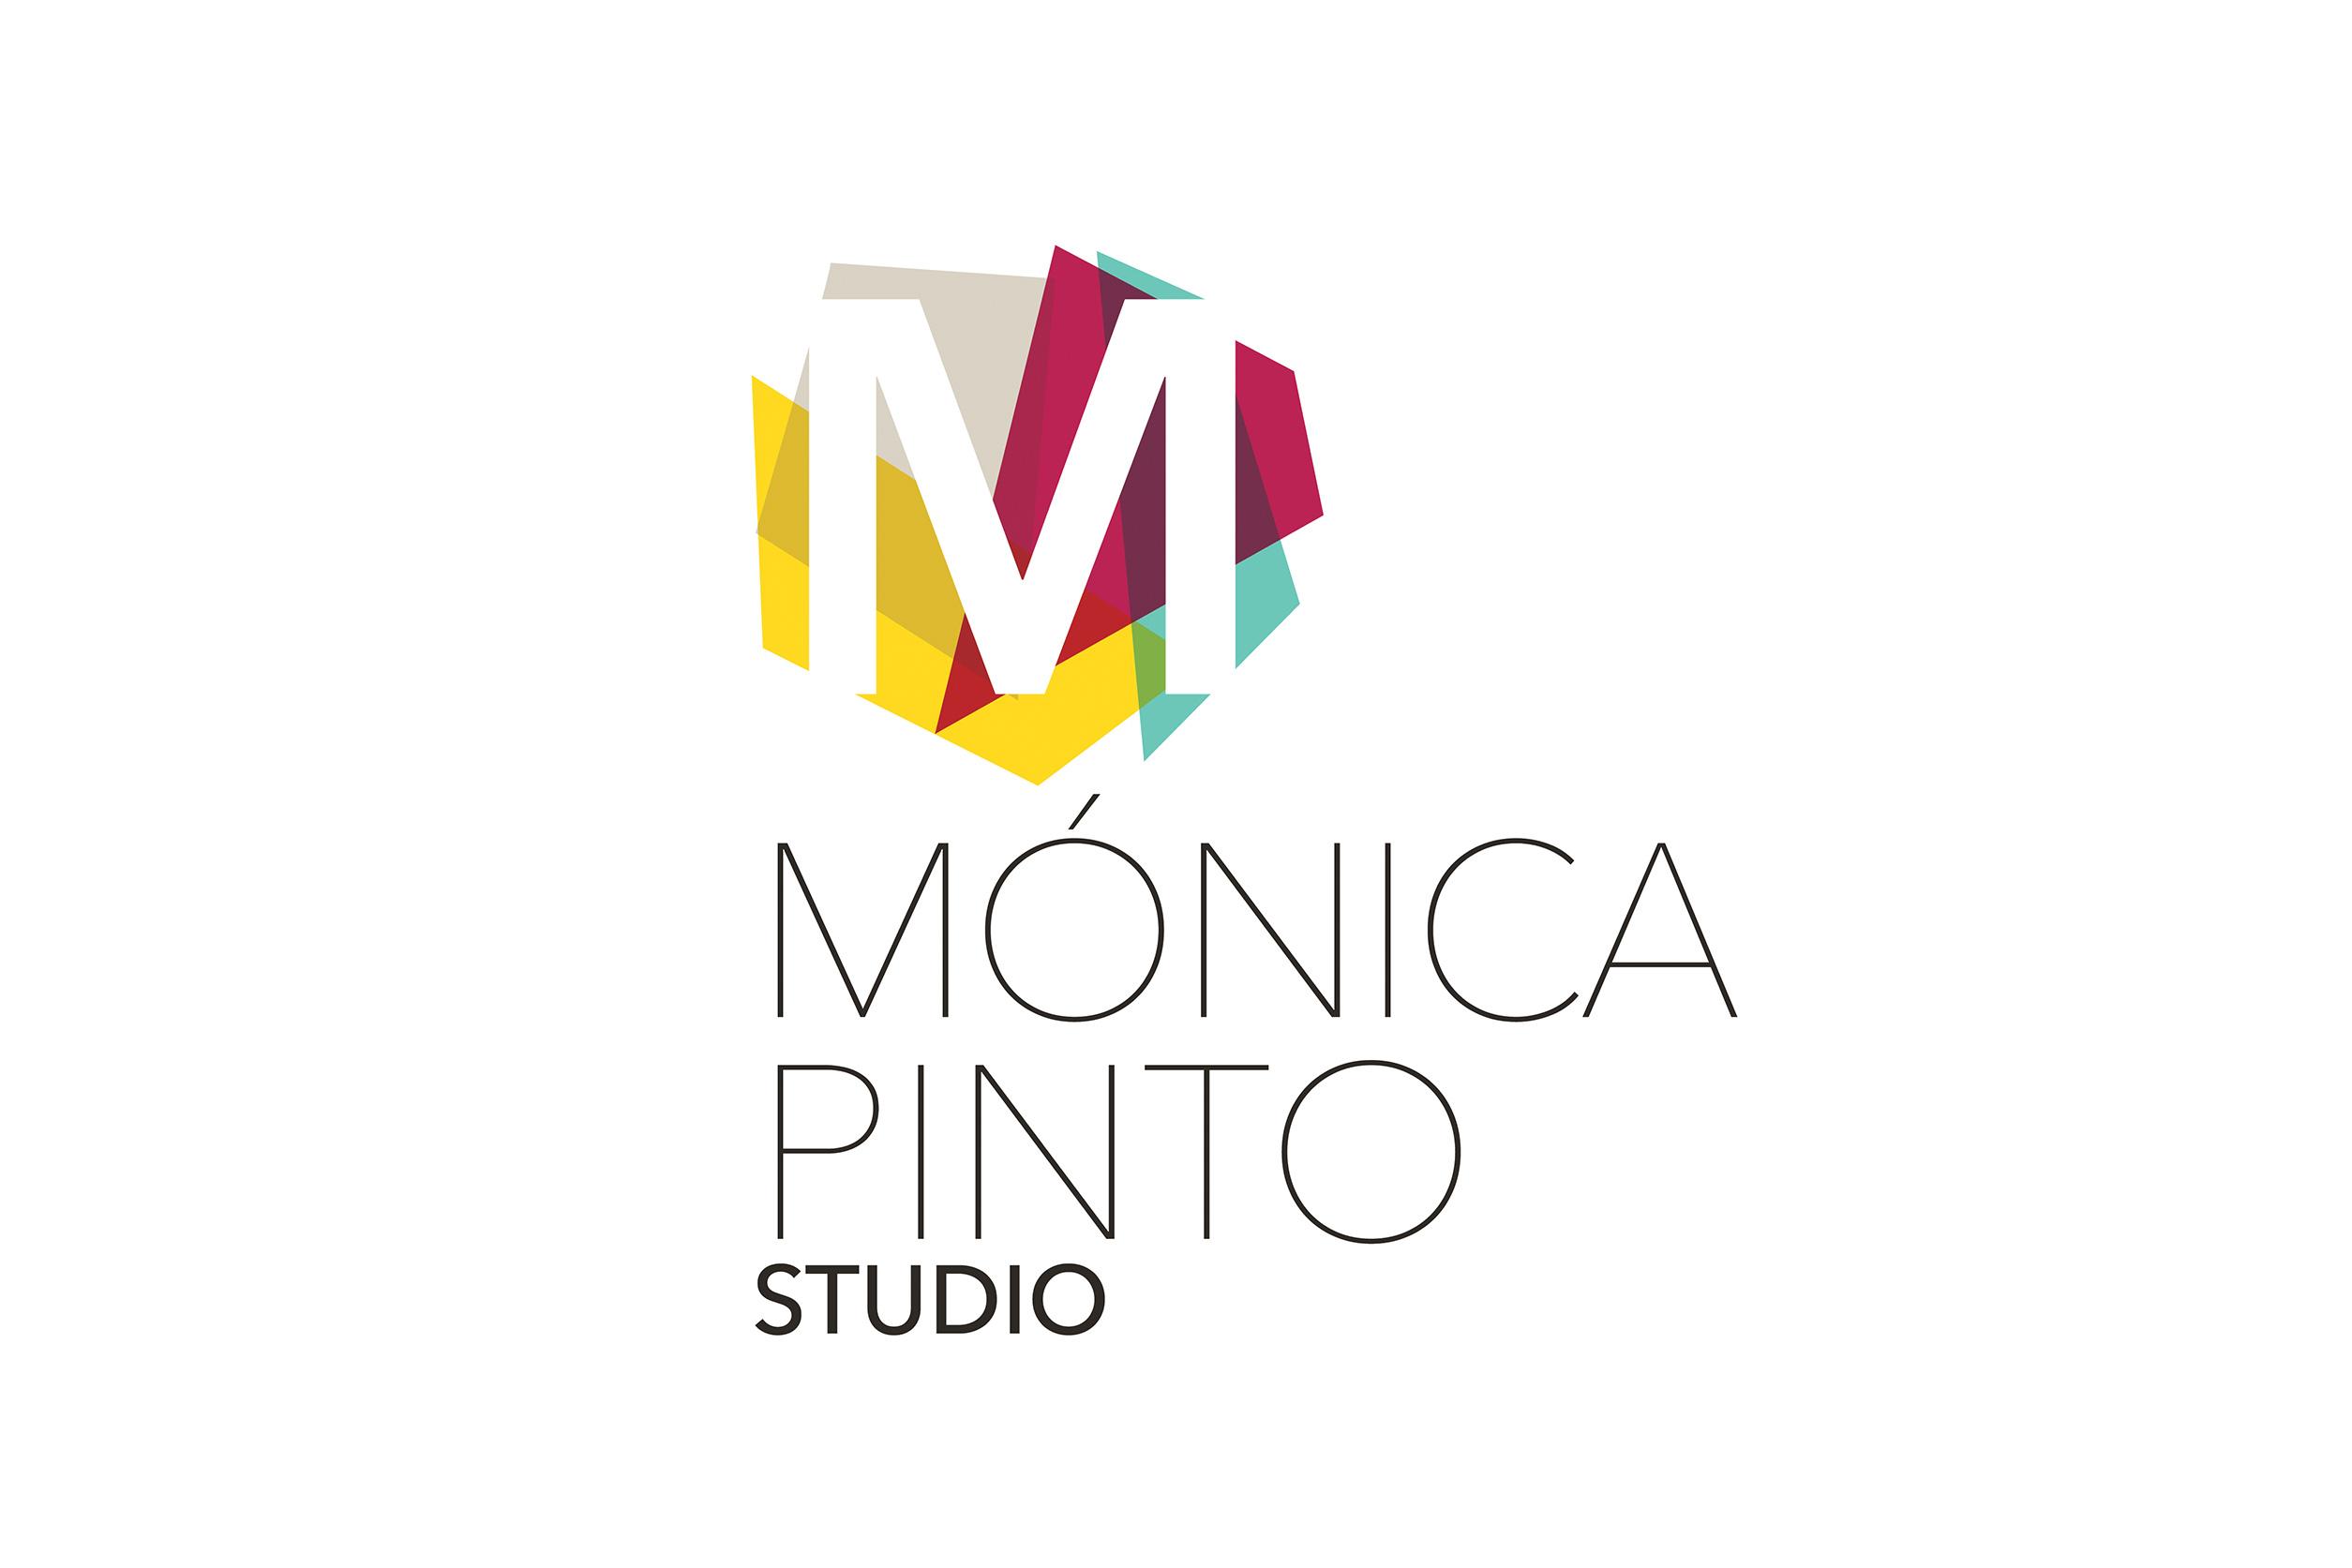 monica-pinto-logo